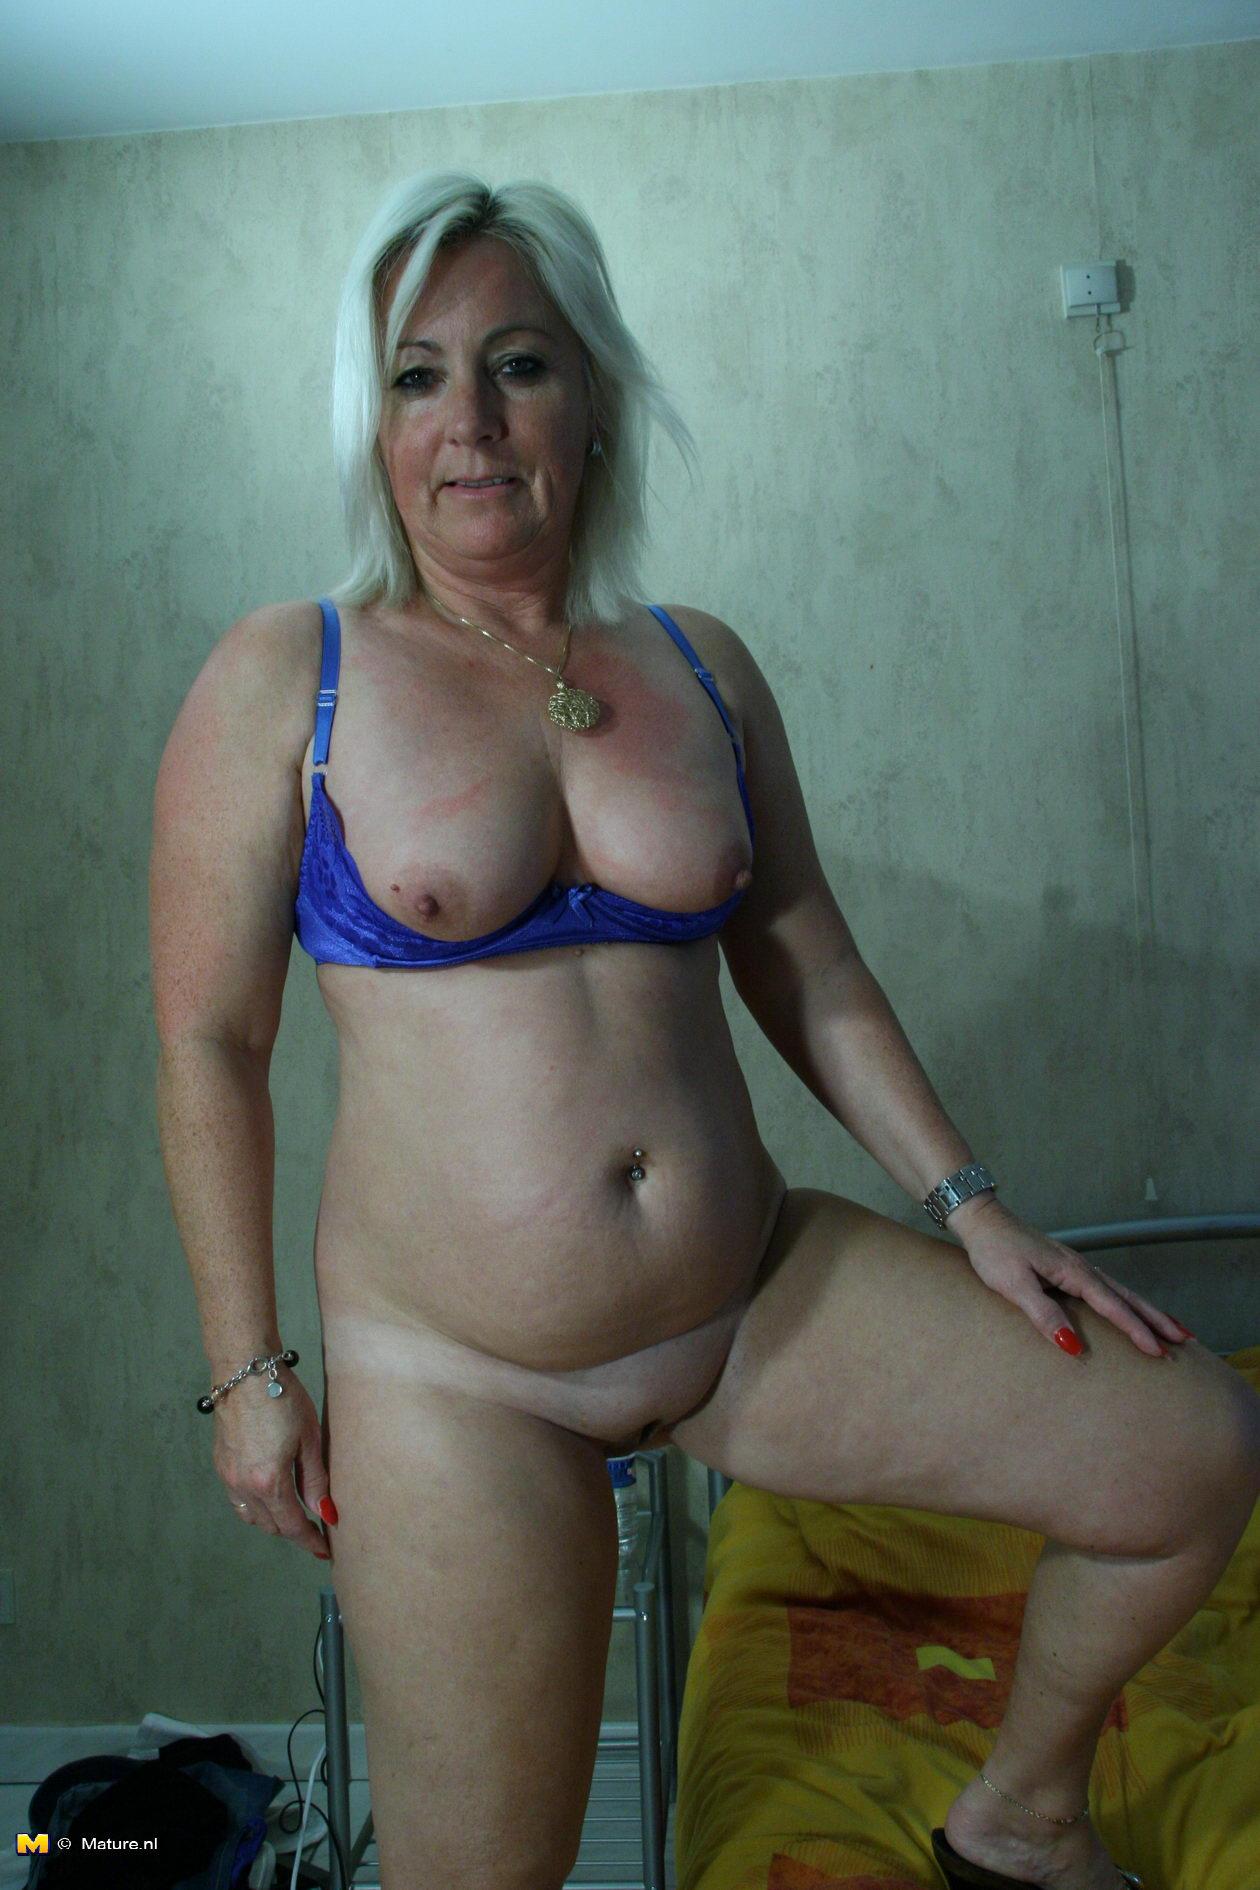 Смотреть эротические фото бесплатно женщины в возрасте 19 фотография